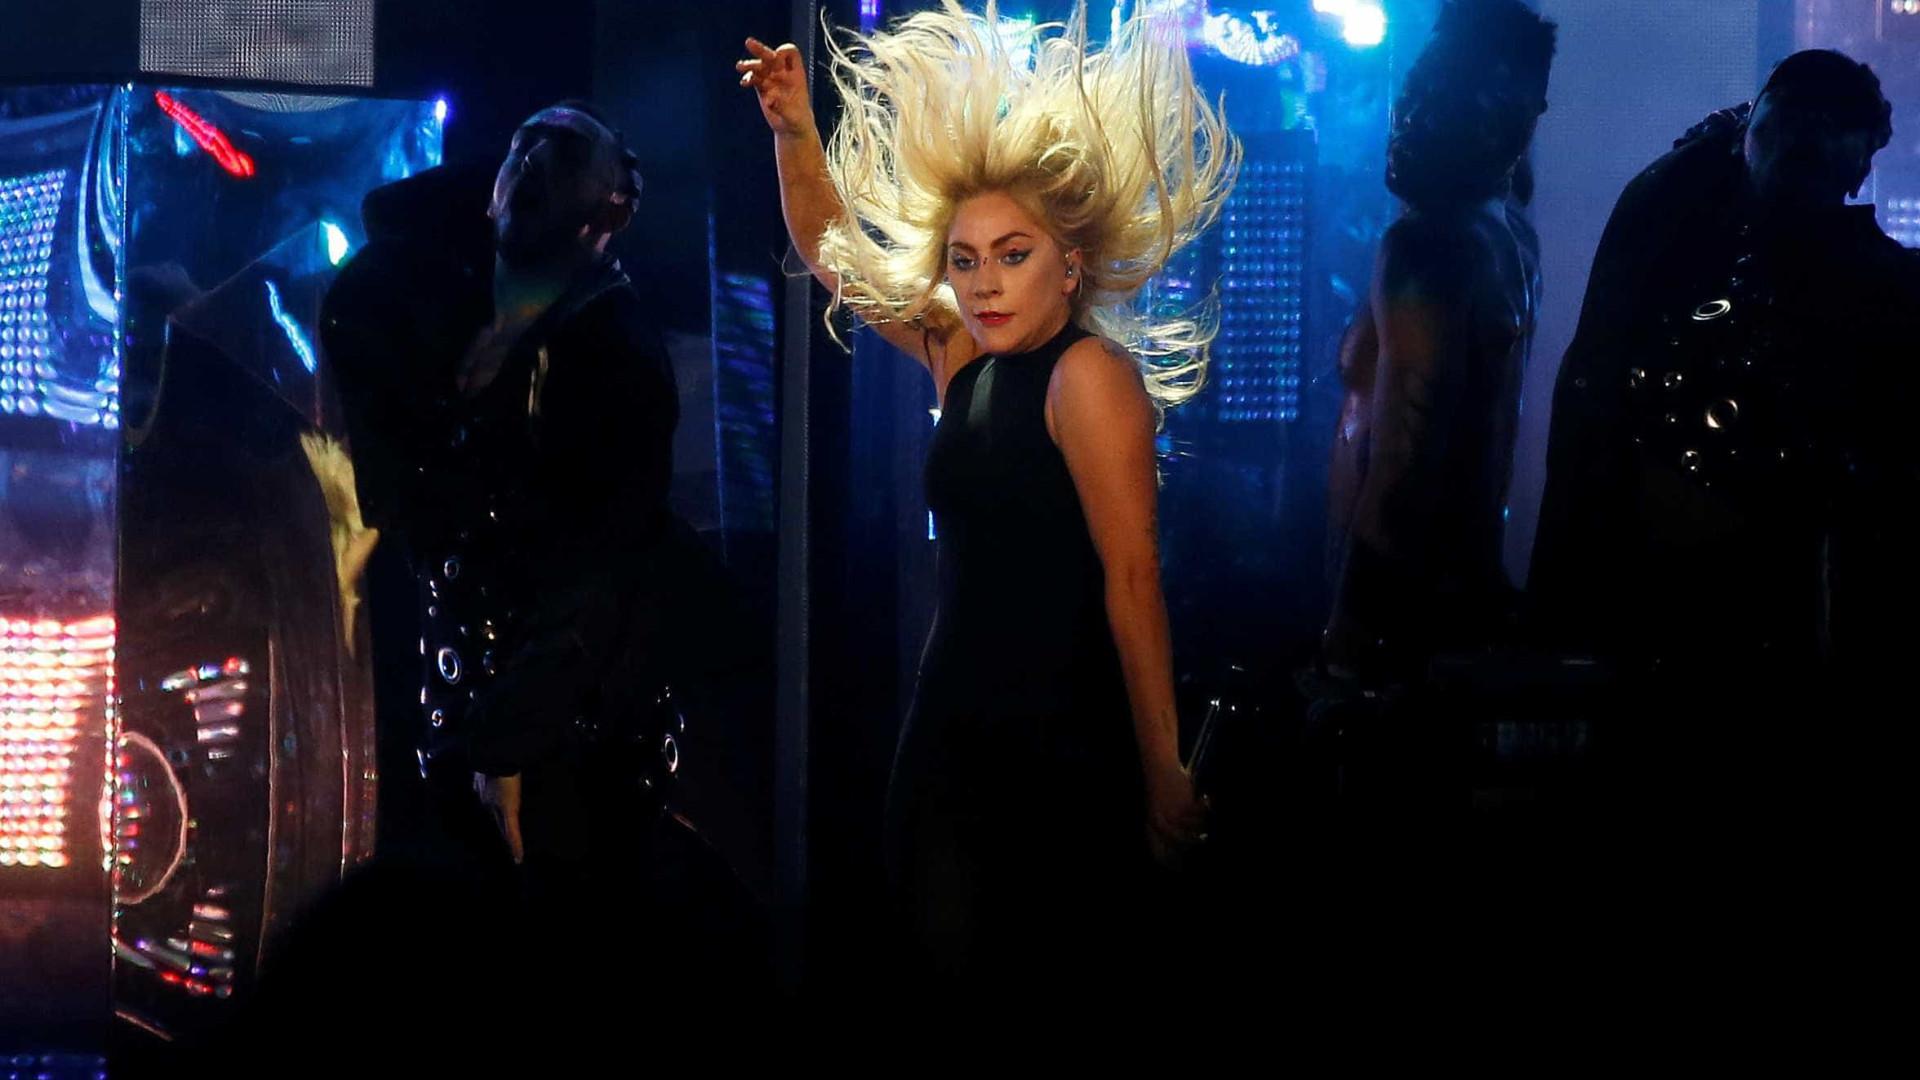 Além de Gaga, outros artistas aguardados já cancelaram shows no Brasil